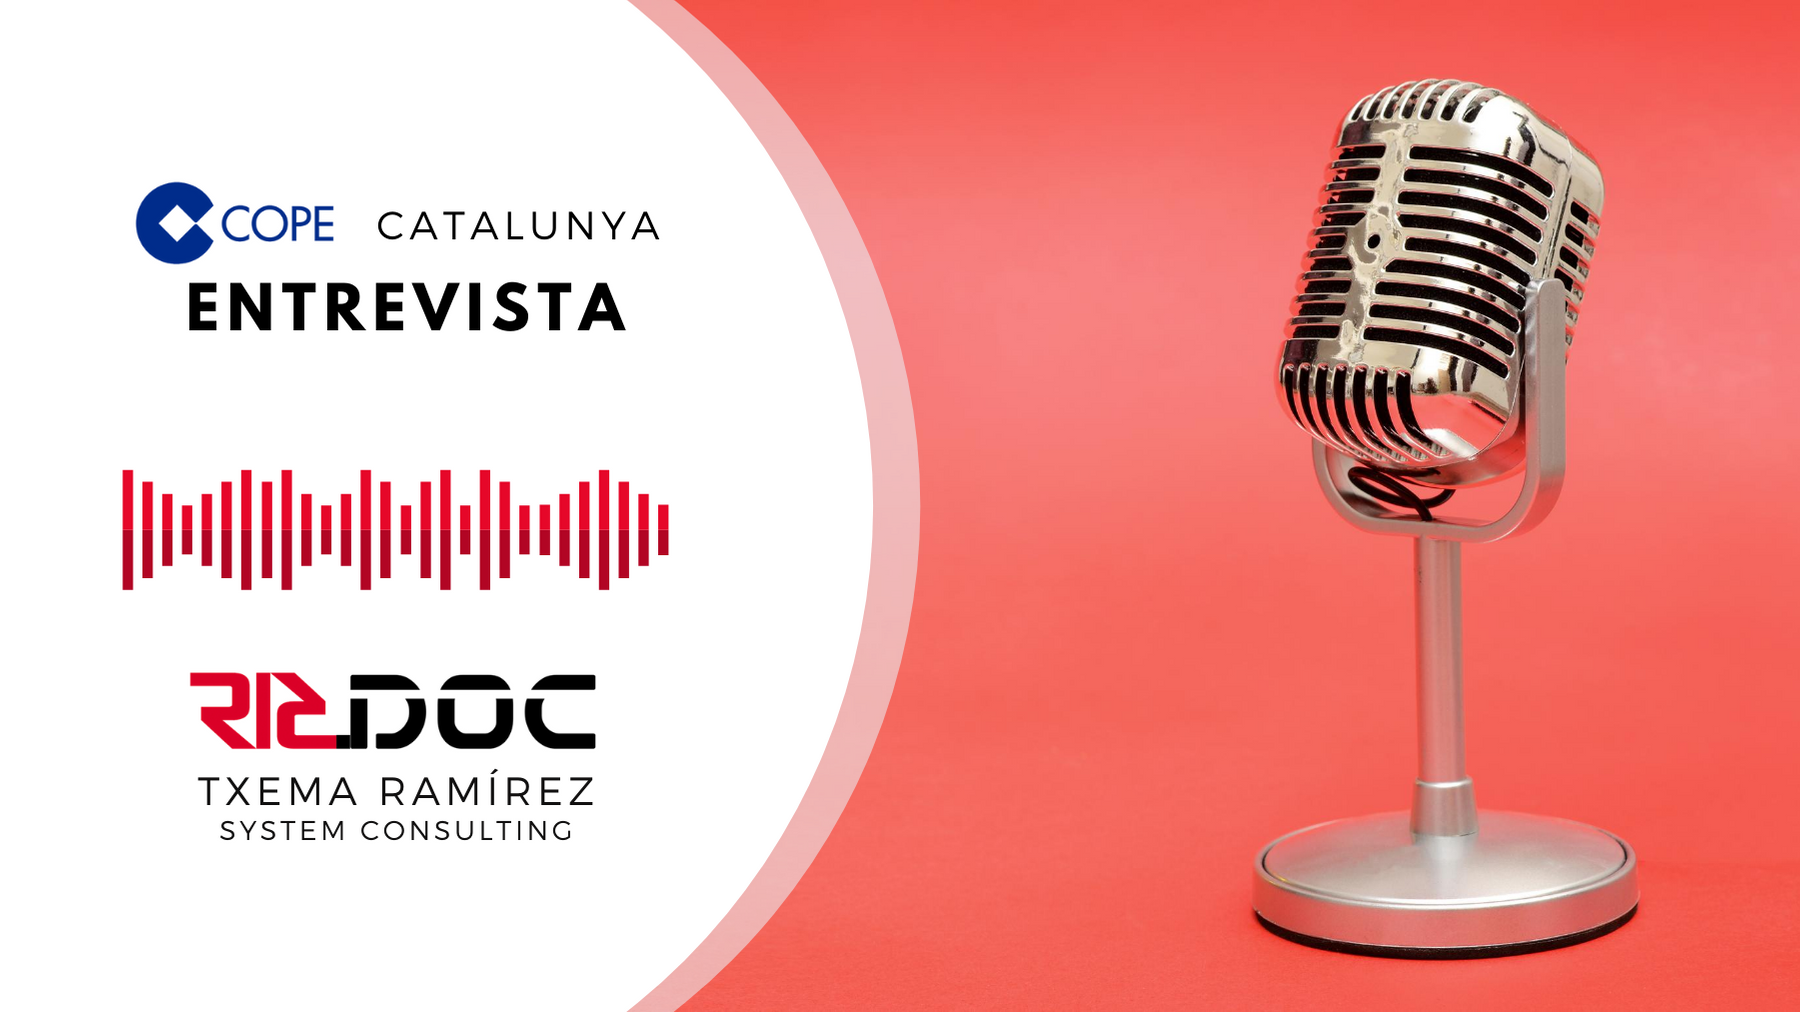 Entrevista a COPE Catalunya